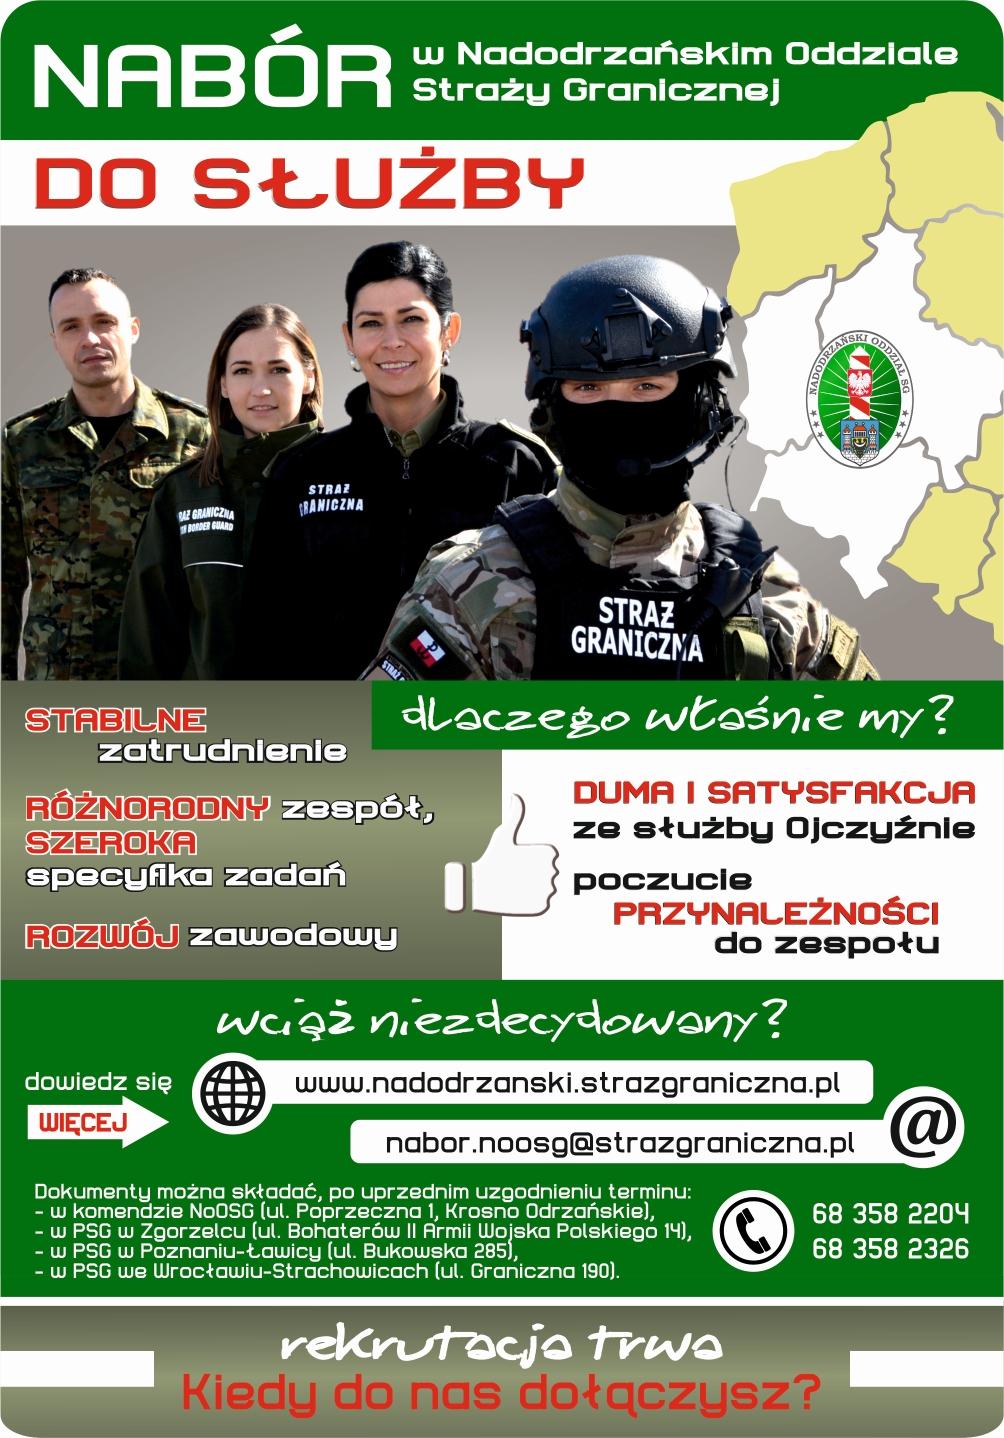 Nabór do służby w Nadodrzańskim Oddziale Straży Granicznej na 2021 rok